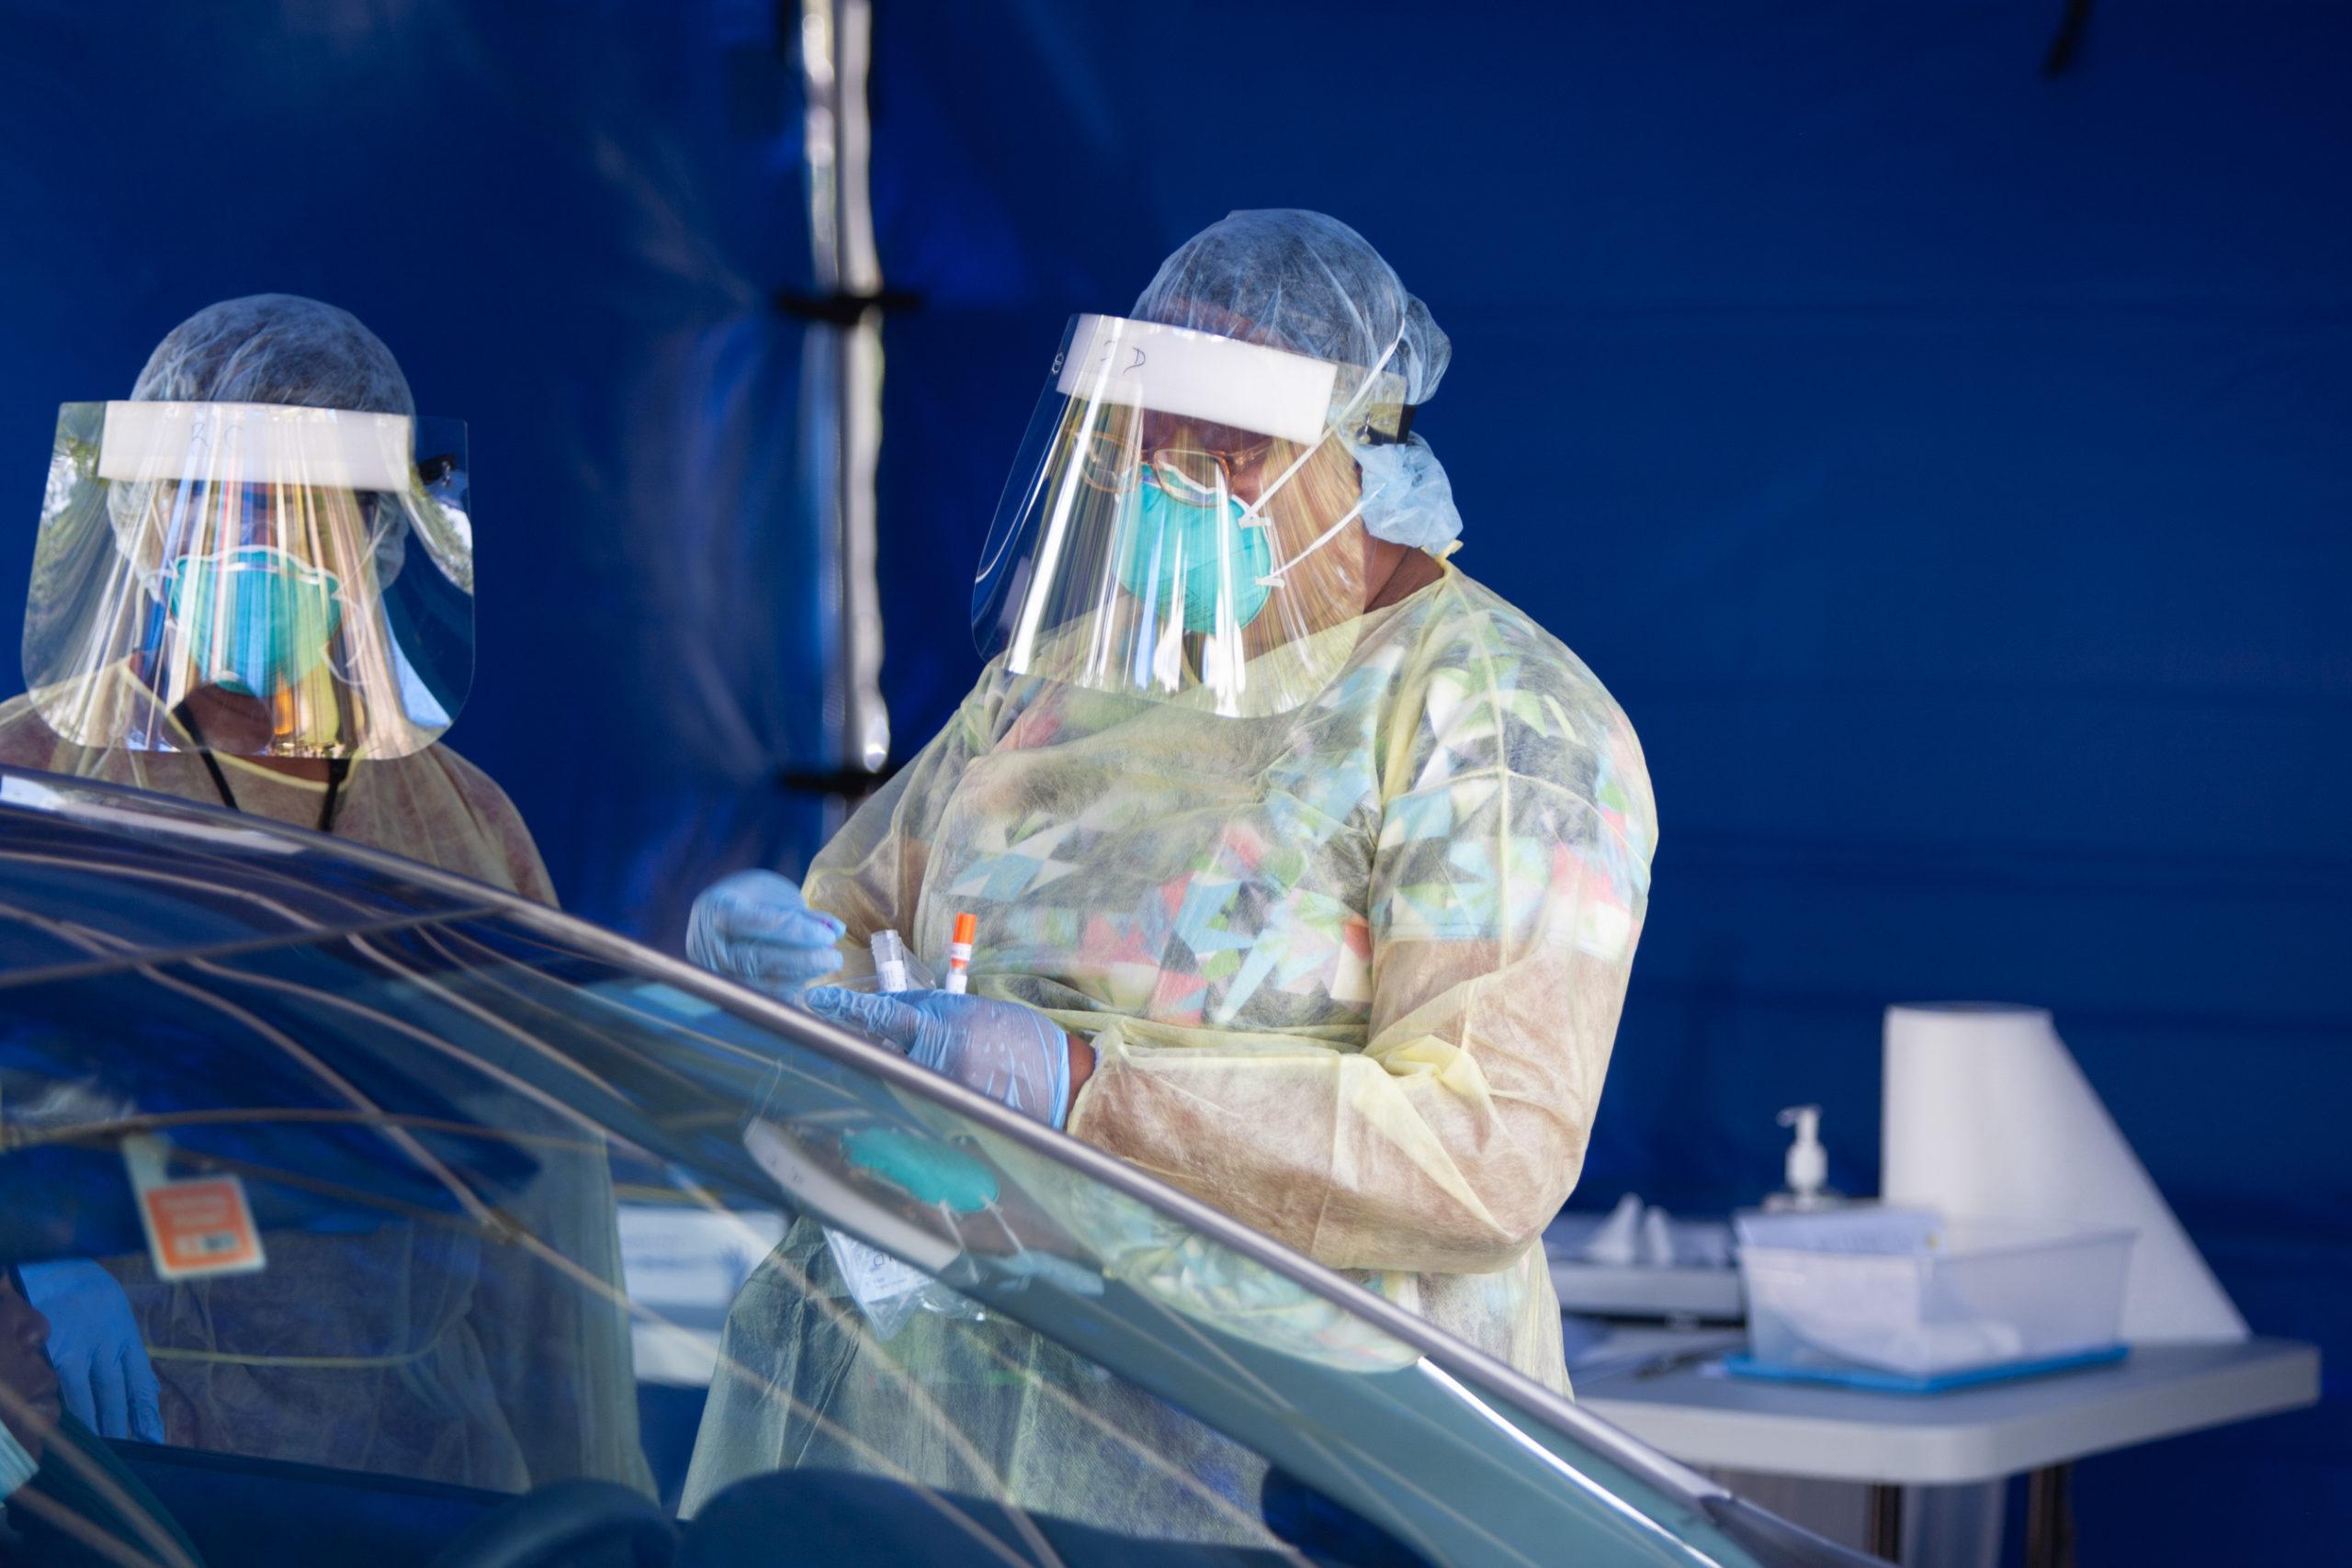 Enfermera con EPP sosteniendo una prueba de detección de COVID-19